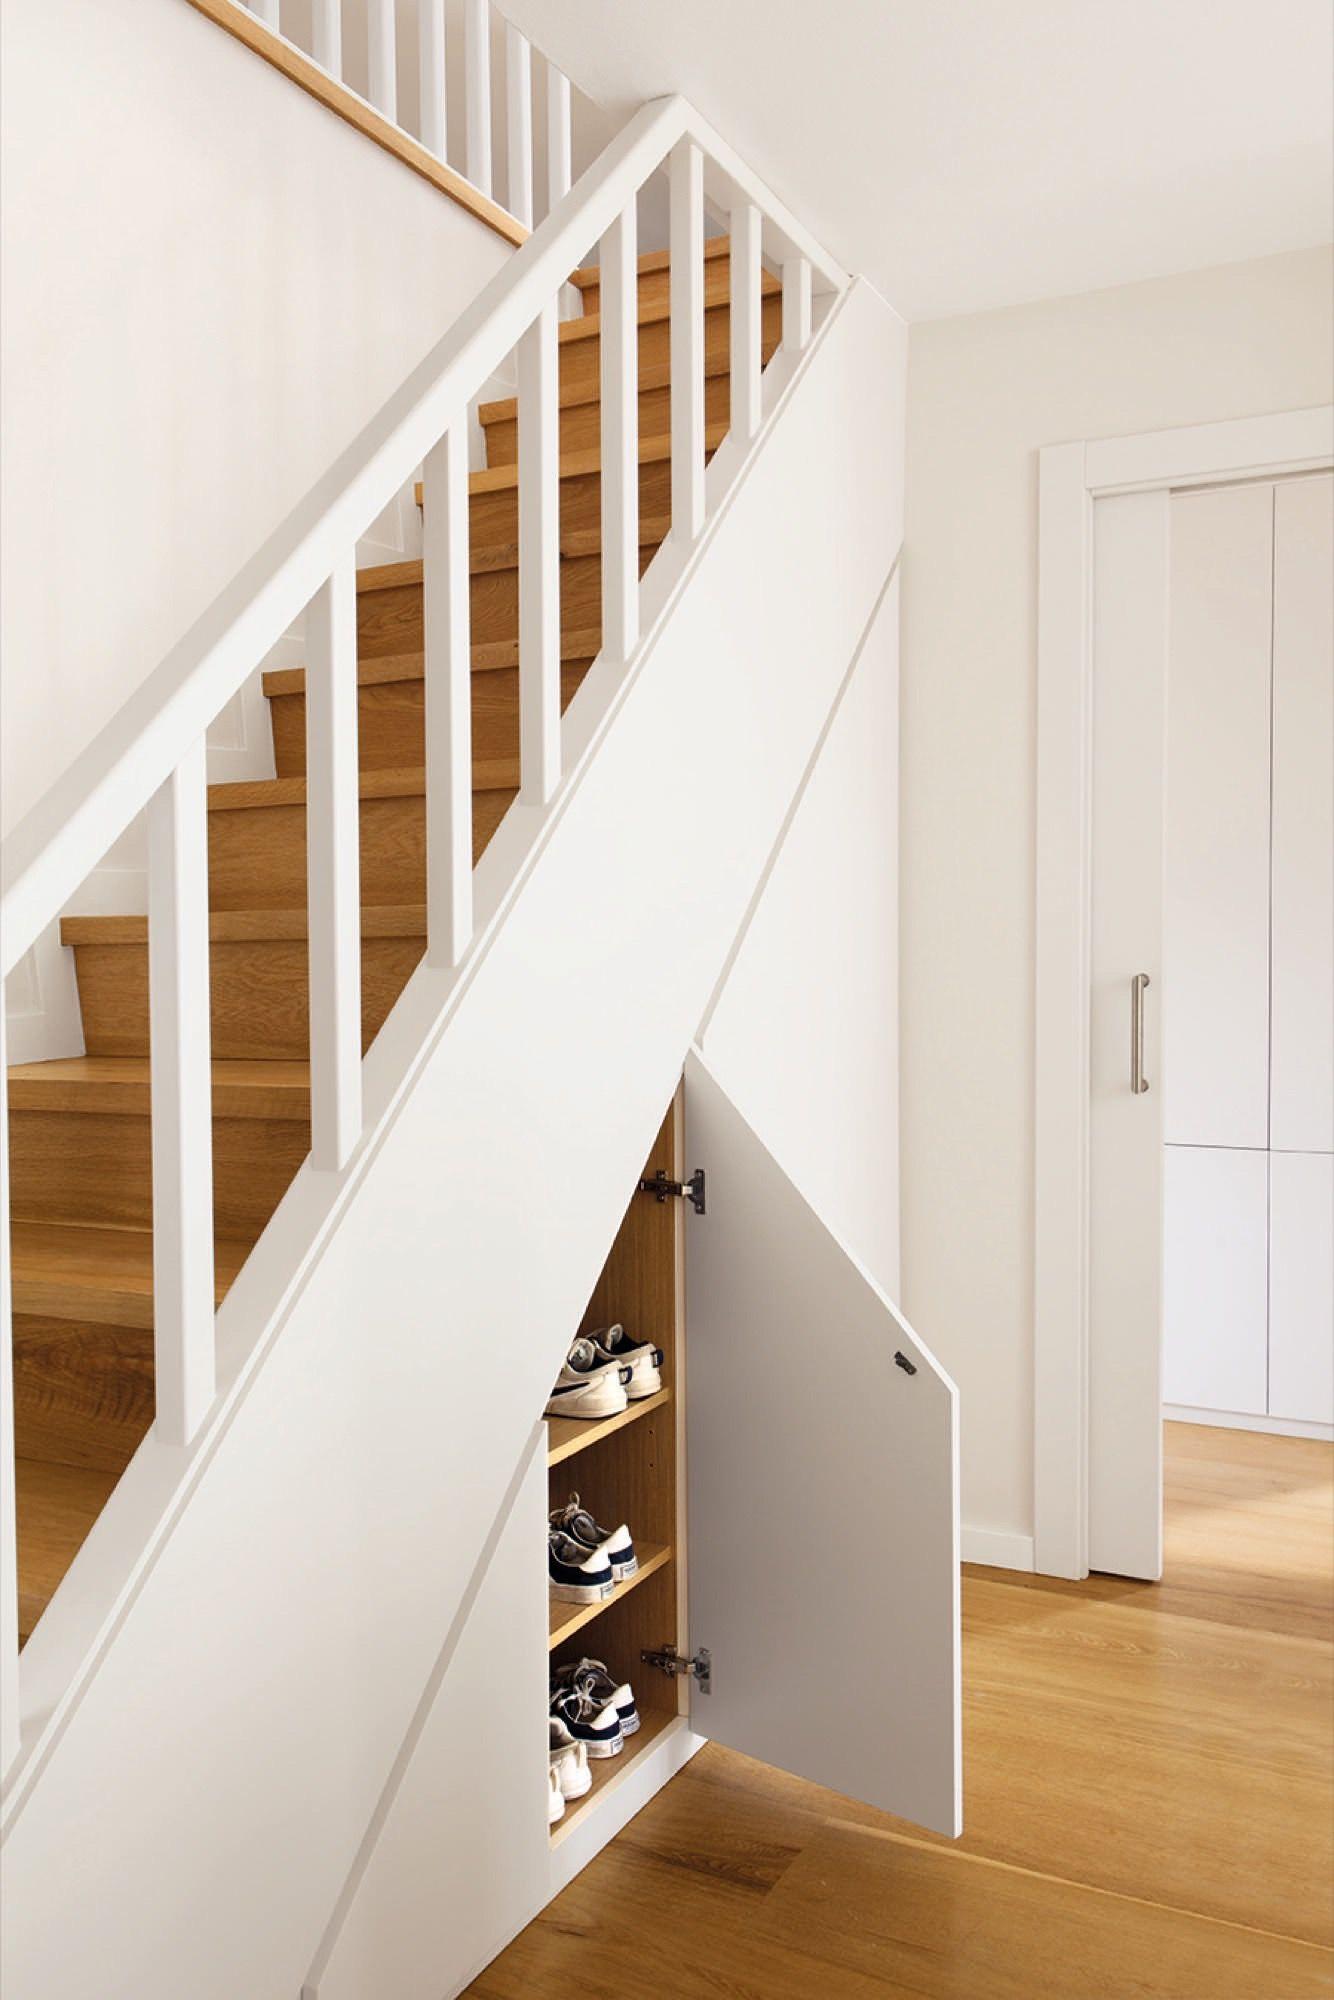 Con puertas correderas organizaci n casa pelda os de - Barandillas para escaleras interiores modernas ...